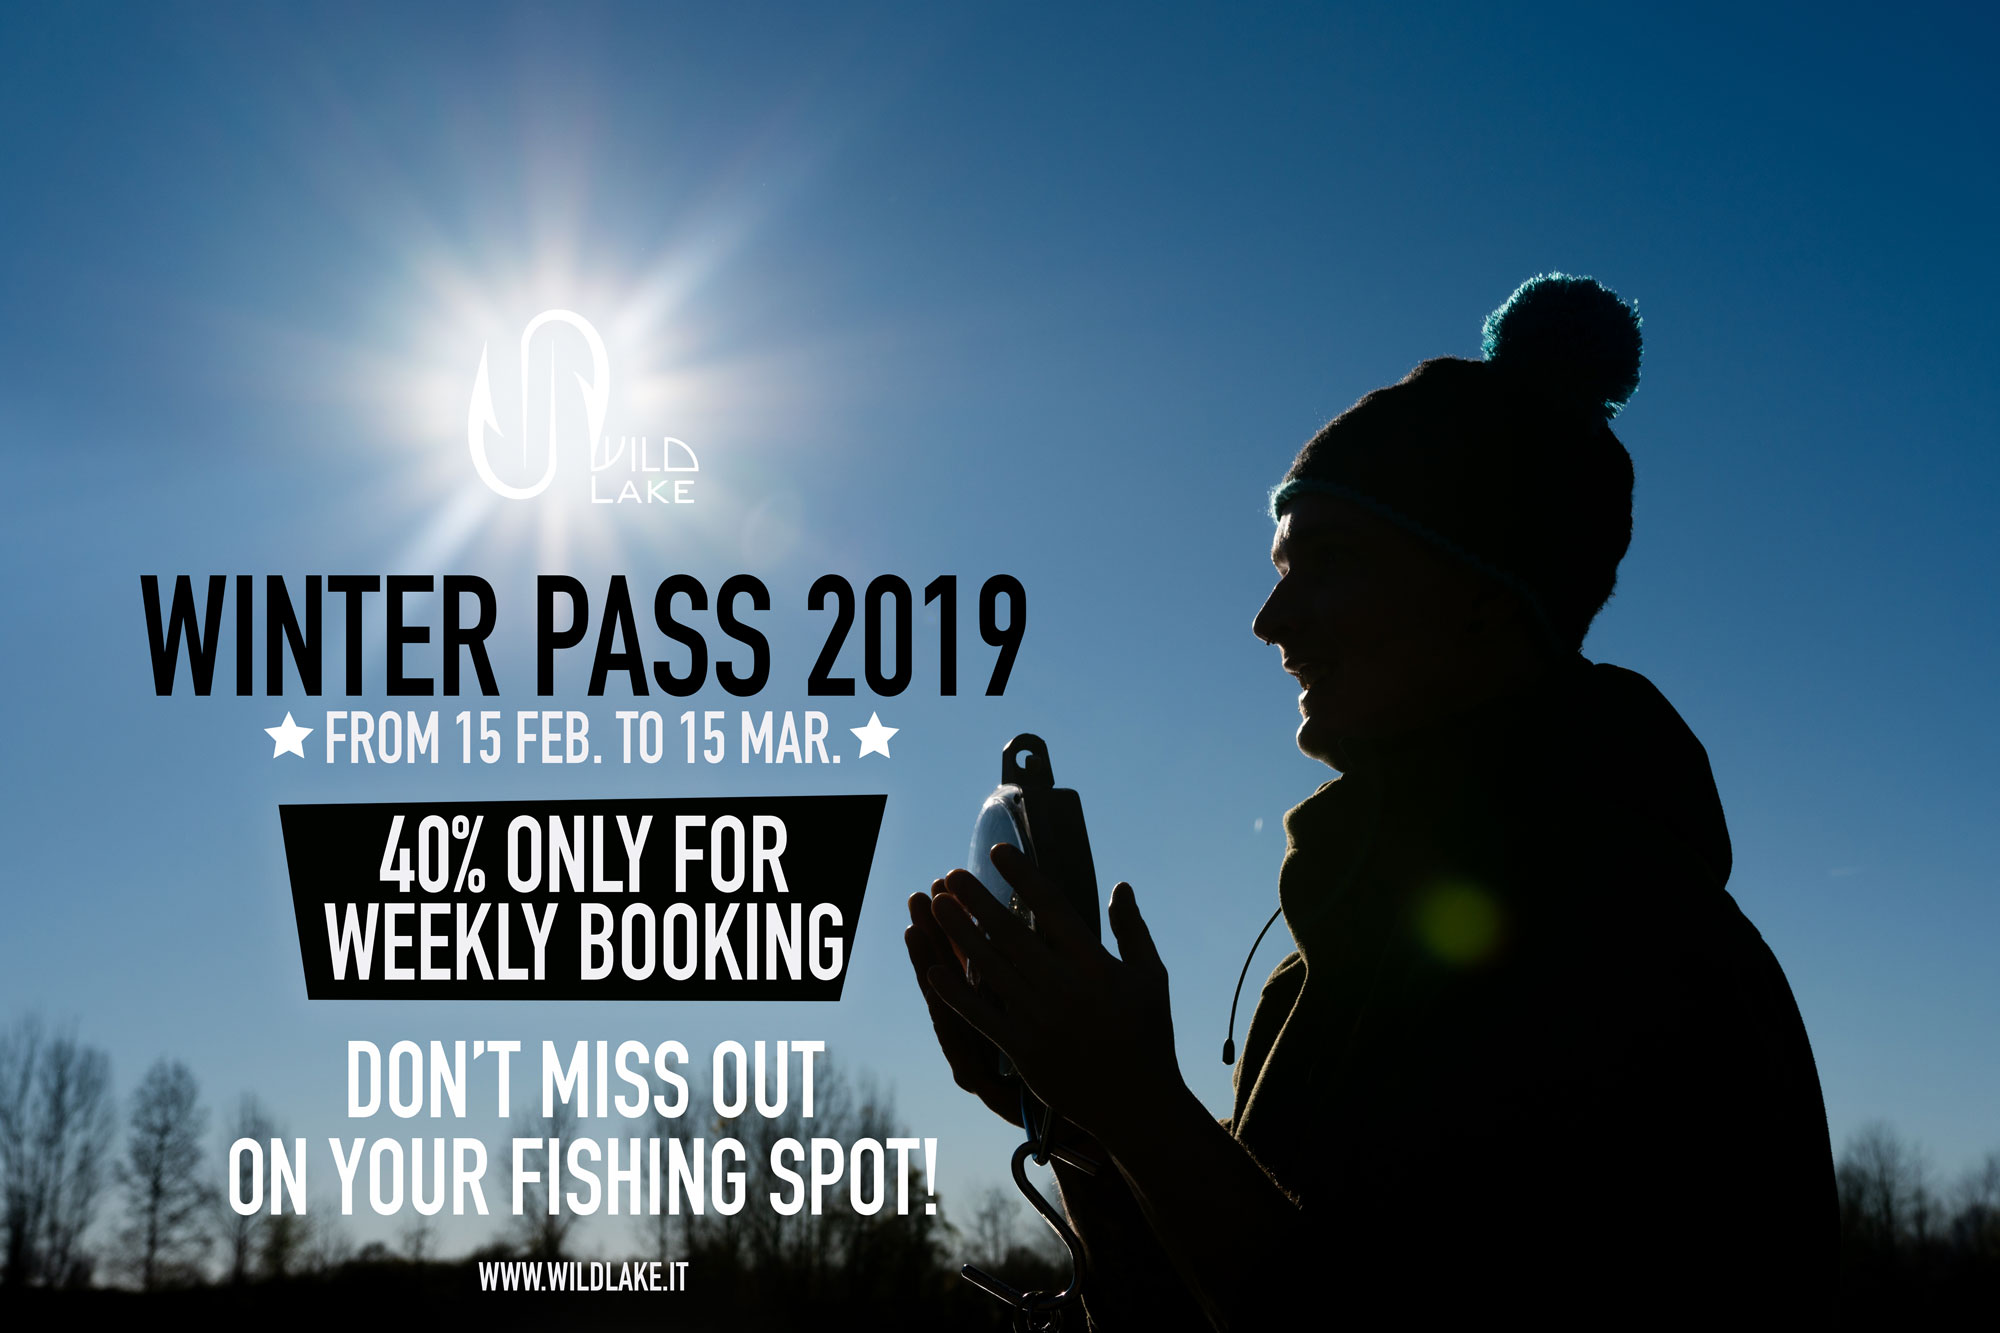 Winter Pass 2019